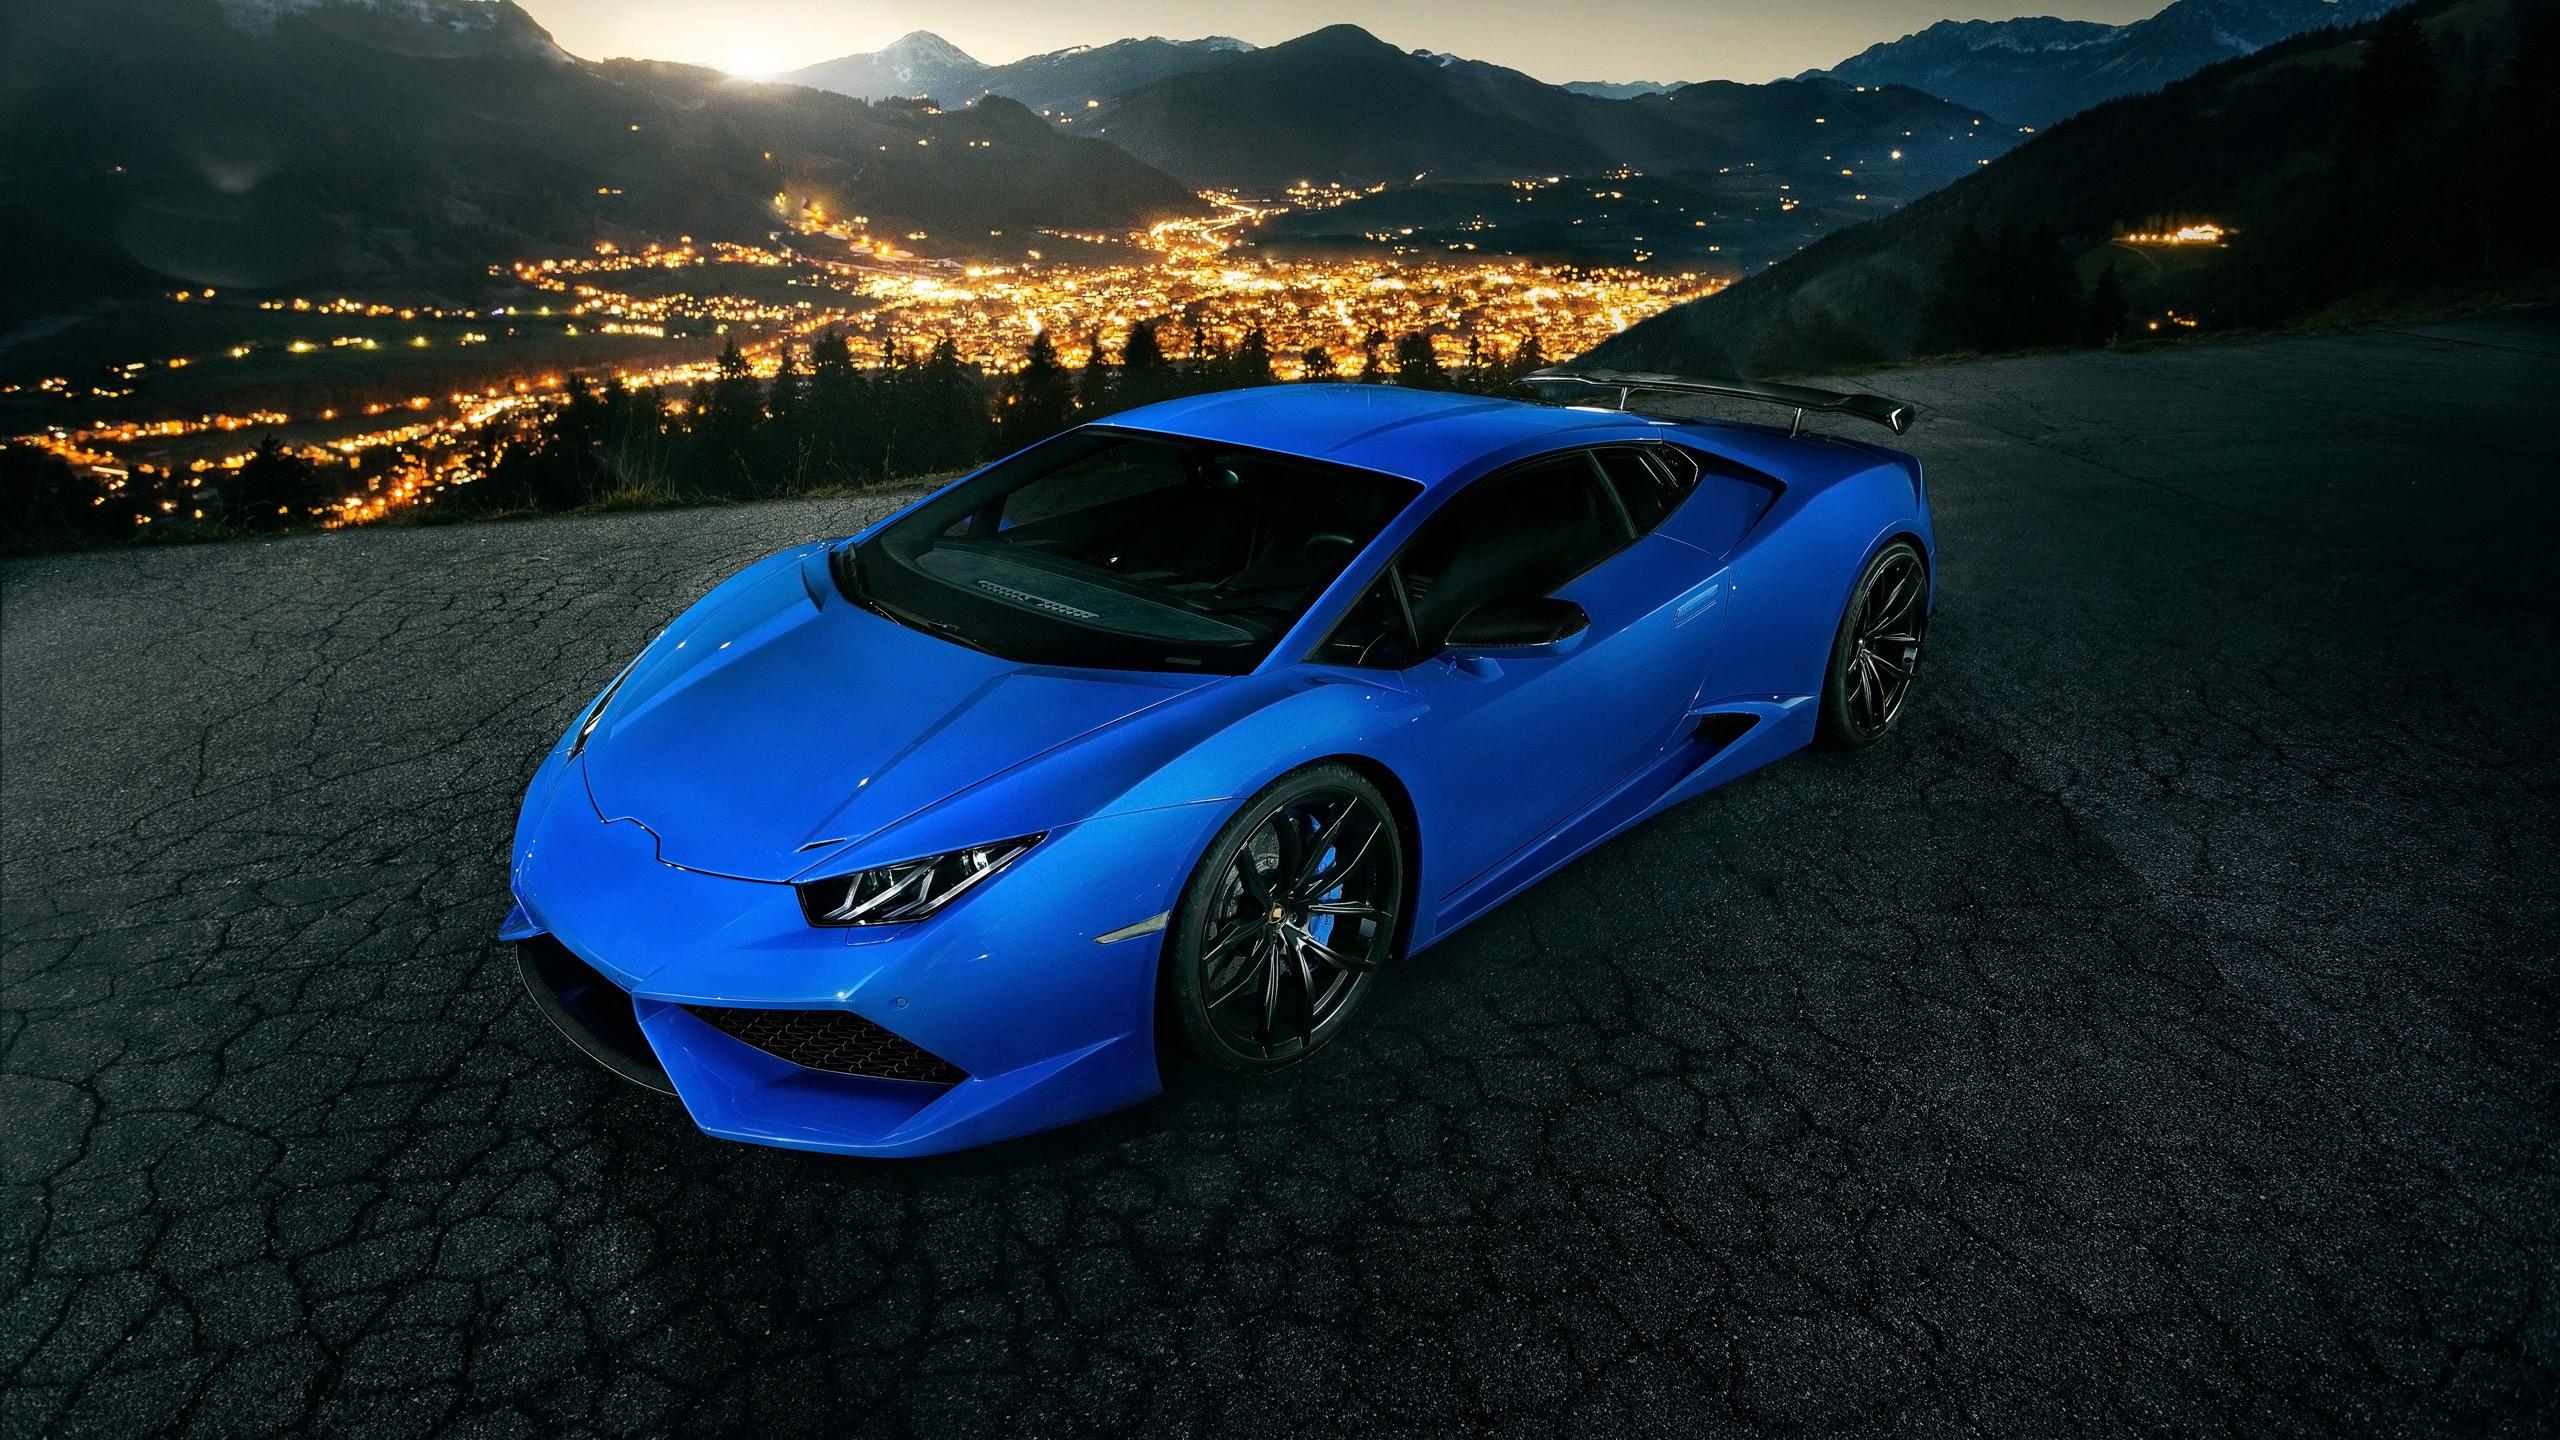 2015 Novitec Torado Lamborghini Huracan N Largo Wallpapers: 2015 Novitec Torado Lamborghini Huracan N Largo 7